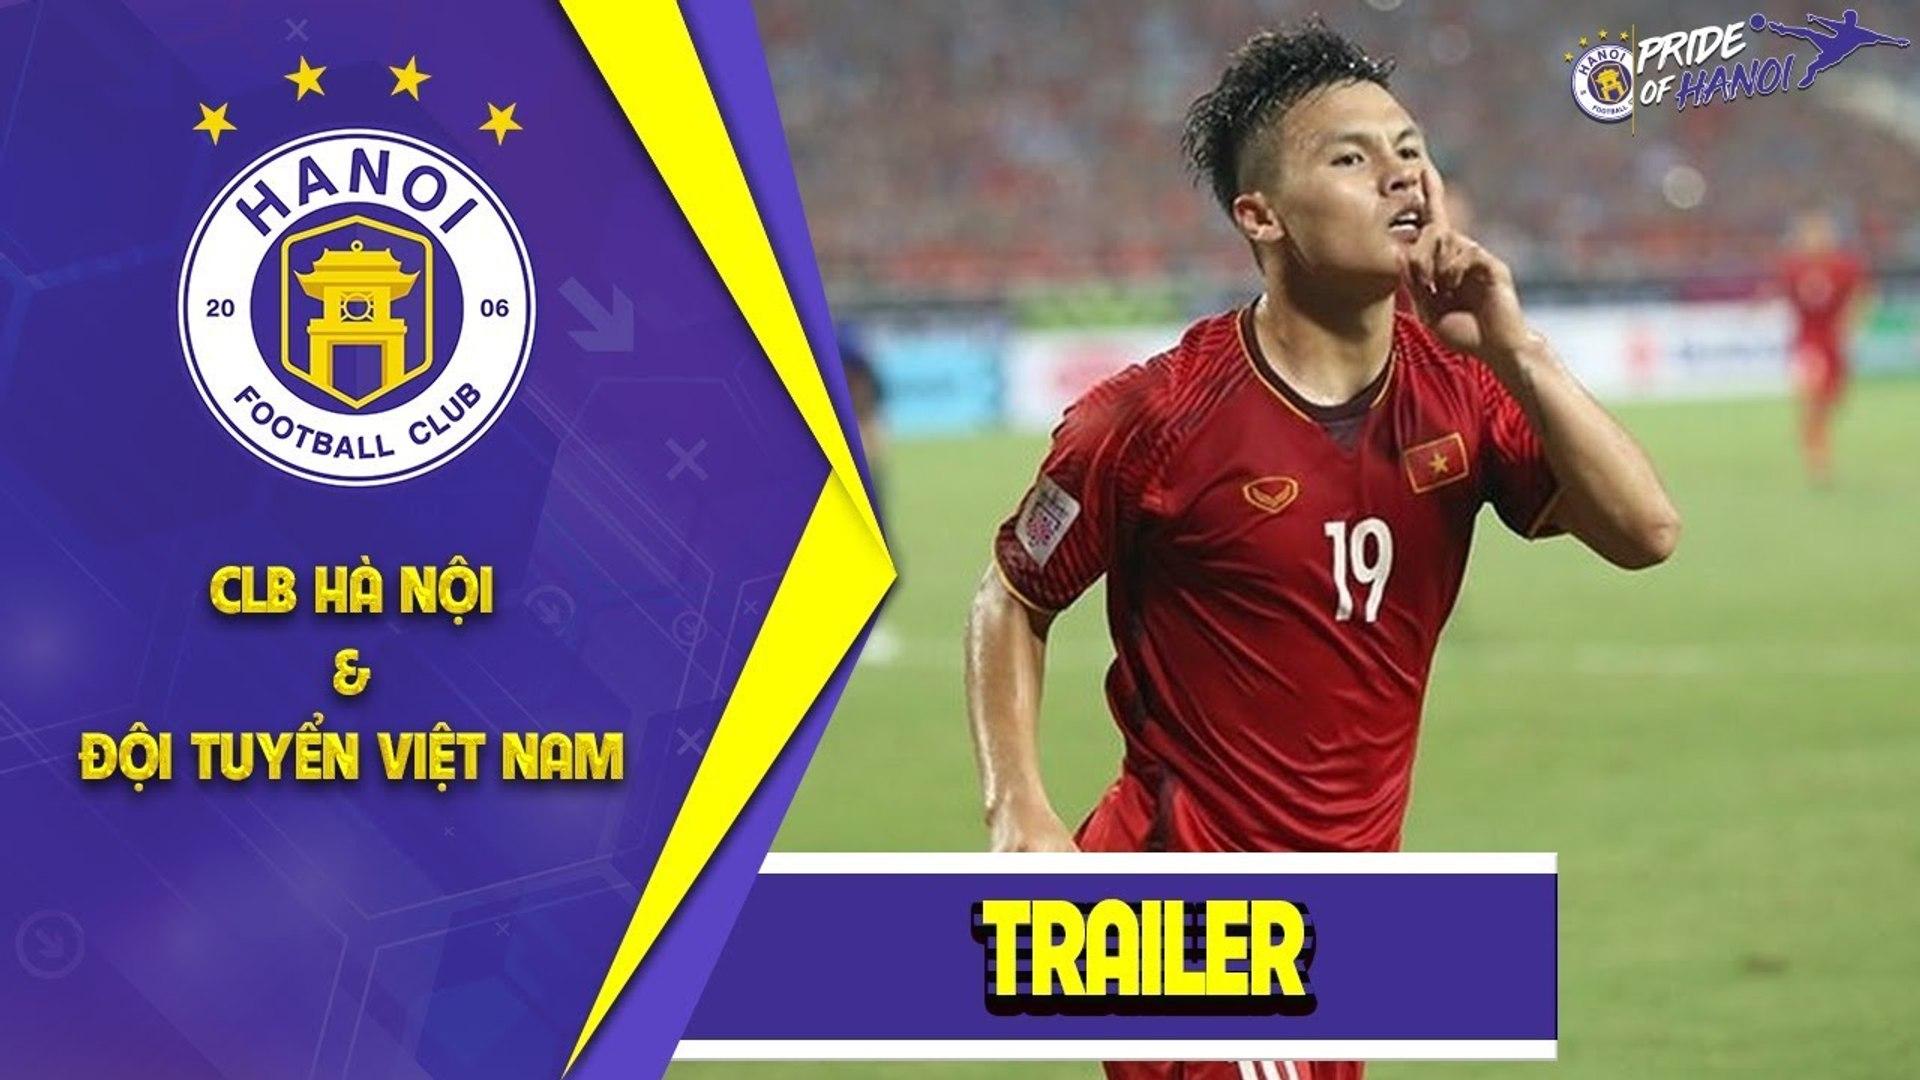 Trailer | King's Cup 2019 | Chiến đấu để khẳng định vị thế | HANOI FC